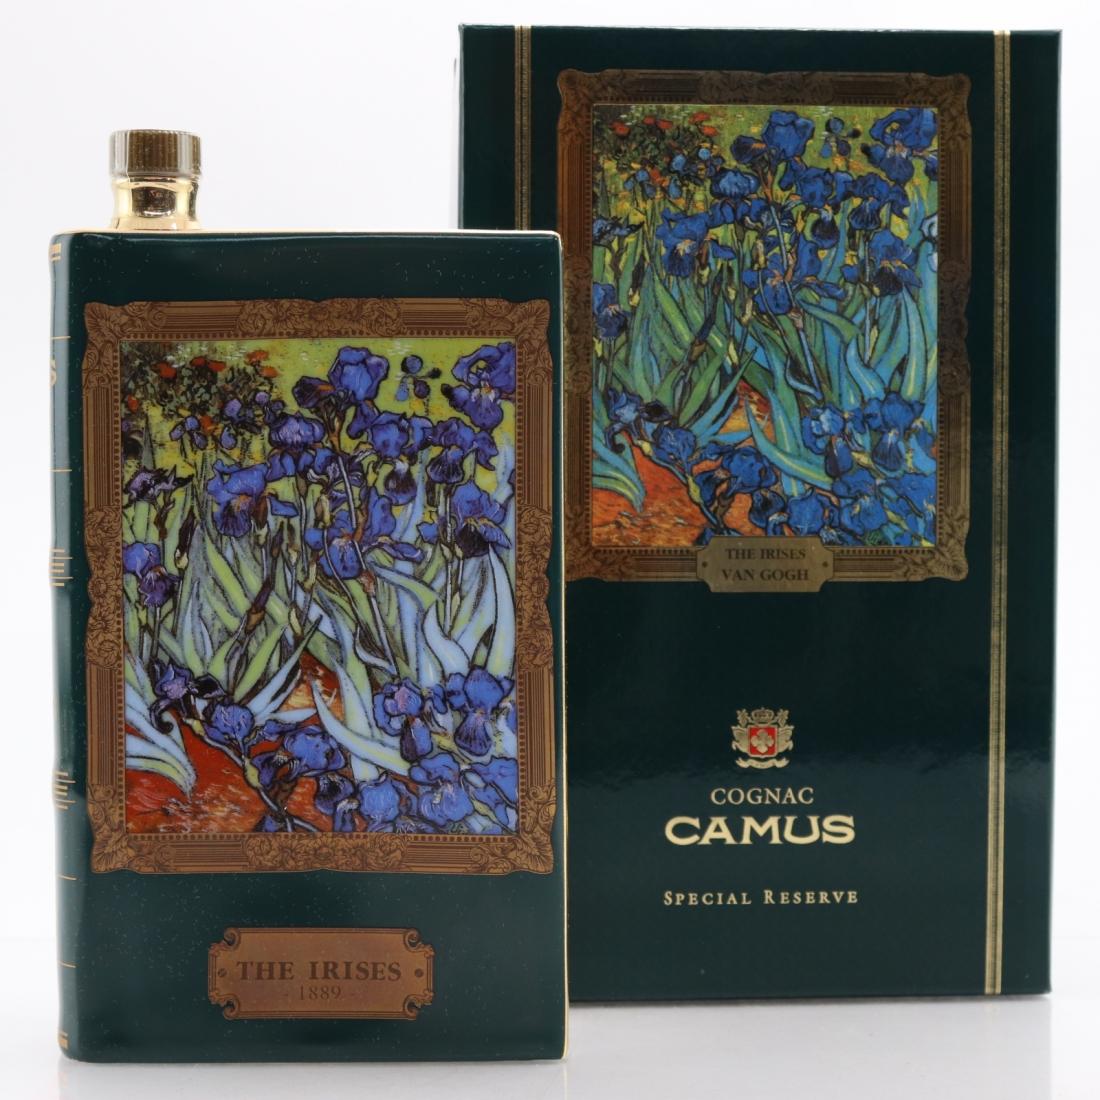 Camus Special Reserve / Van Gogh The Irises Decanter